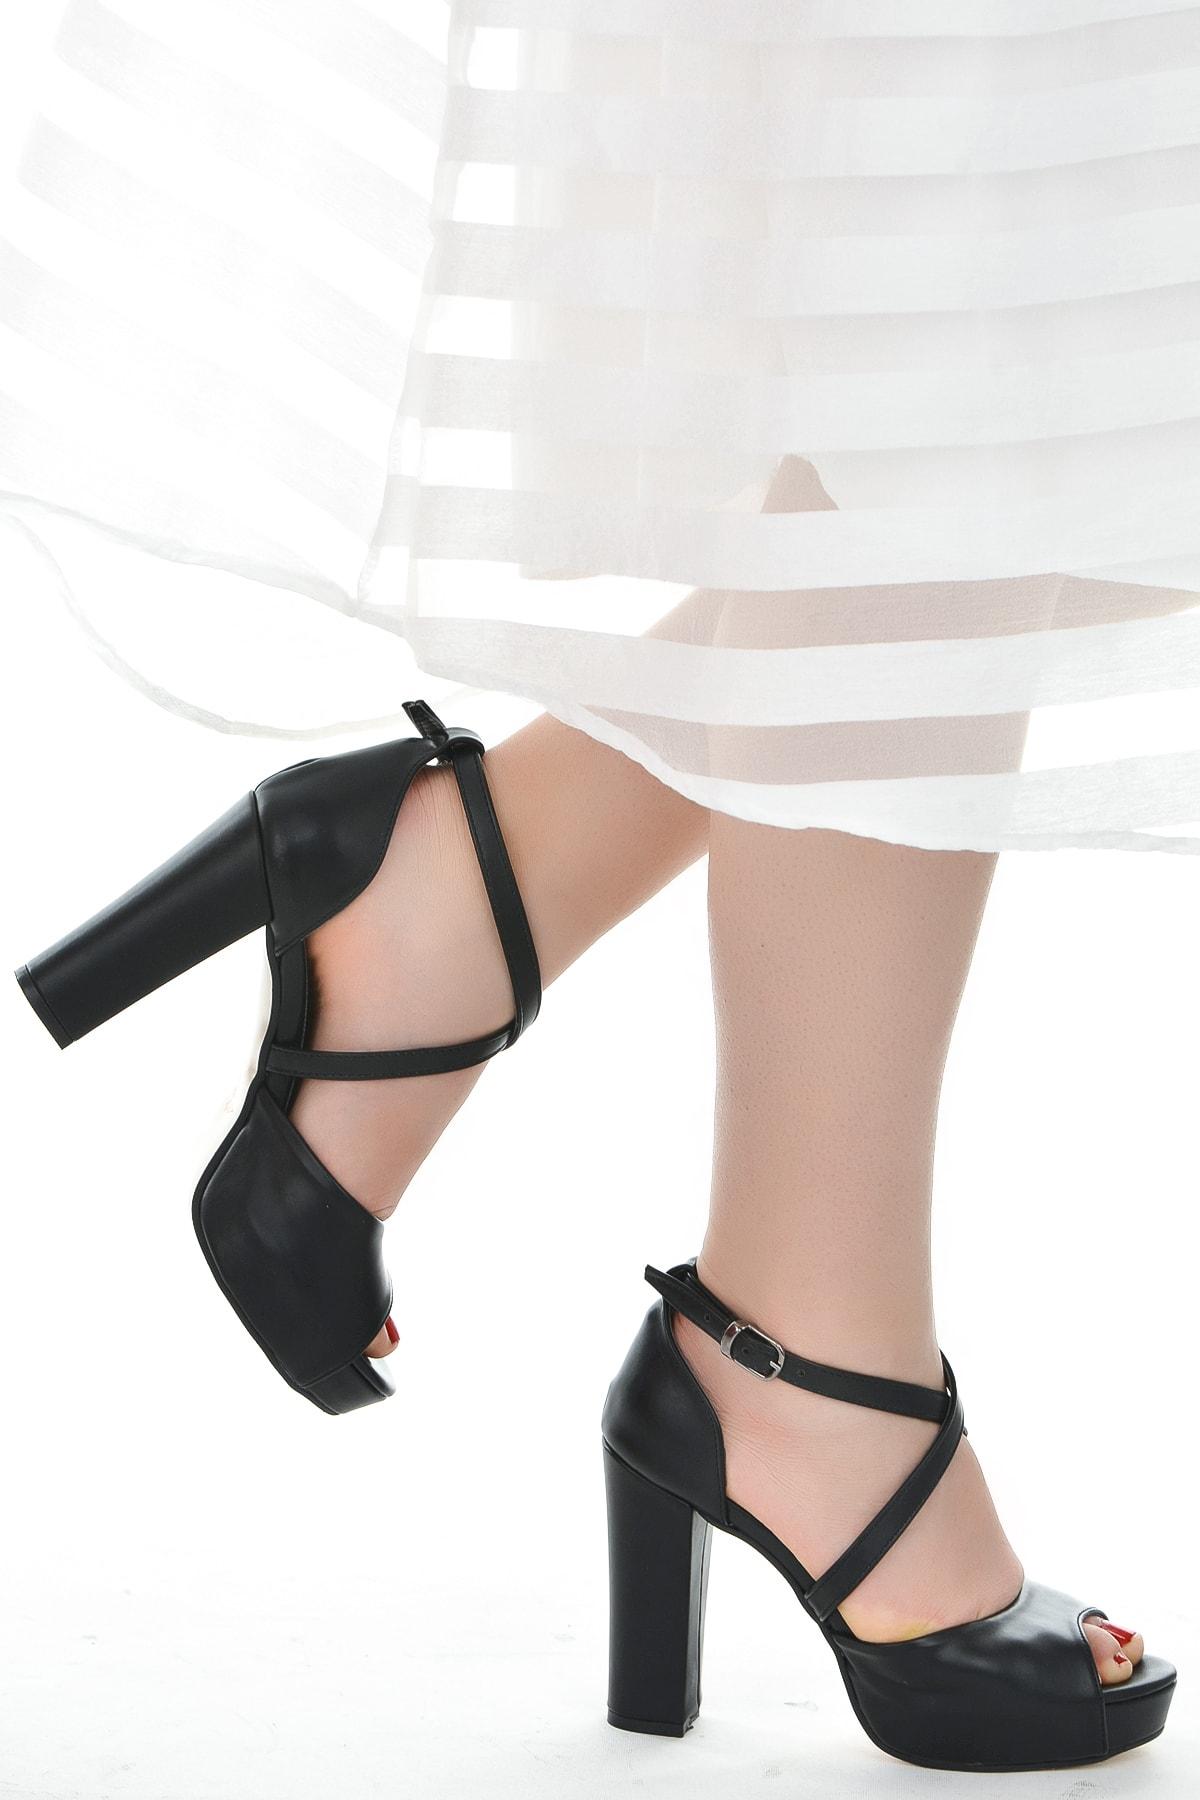 Ayakland 3210-2058 Cilt Abiye 11 Cm Platform Topuk Bayan Sandalet Ayakkabı 2